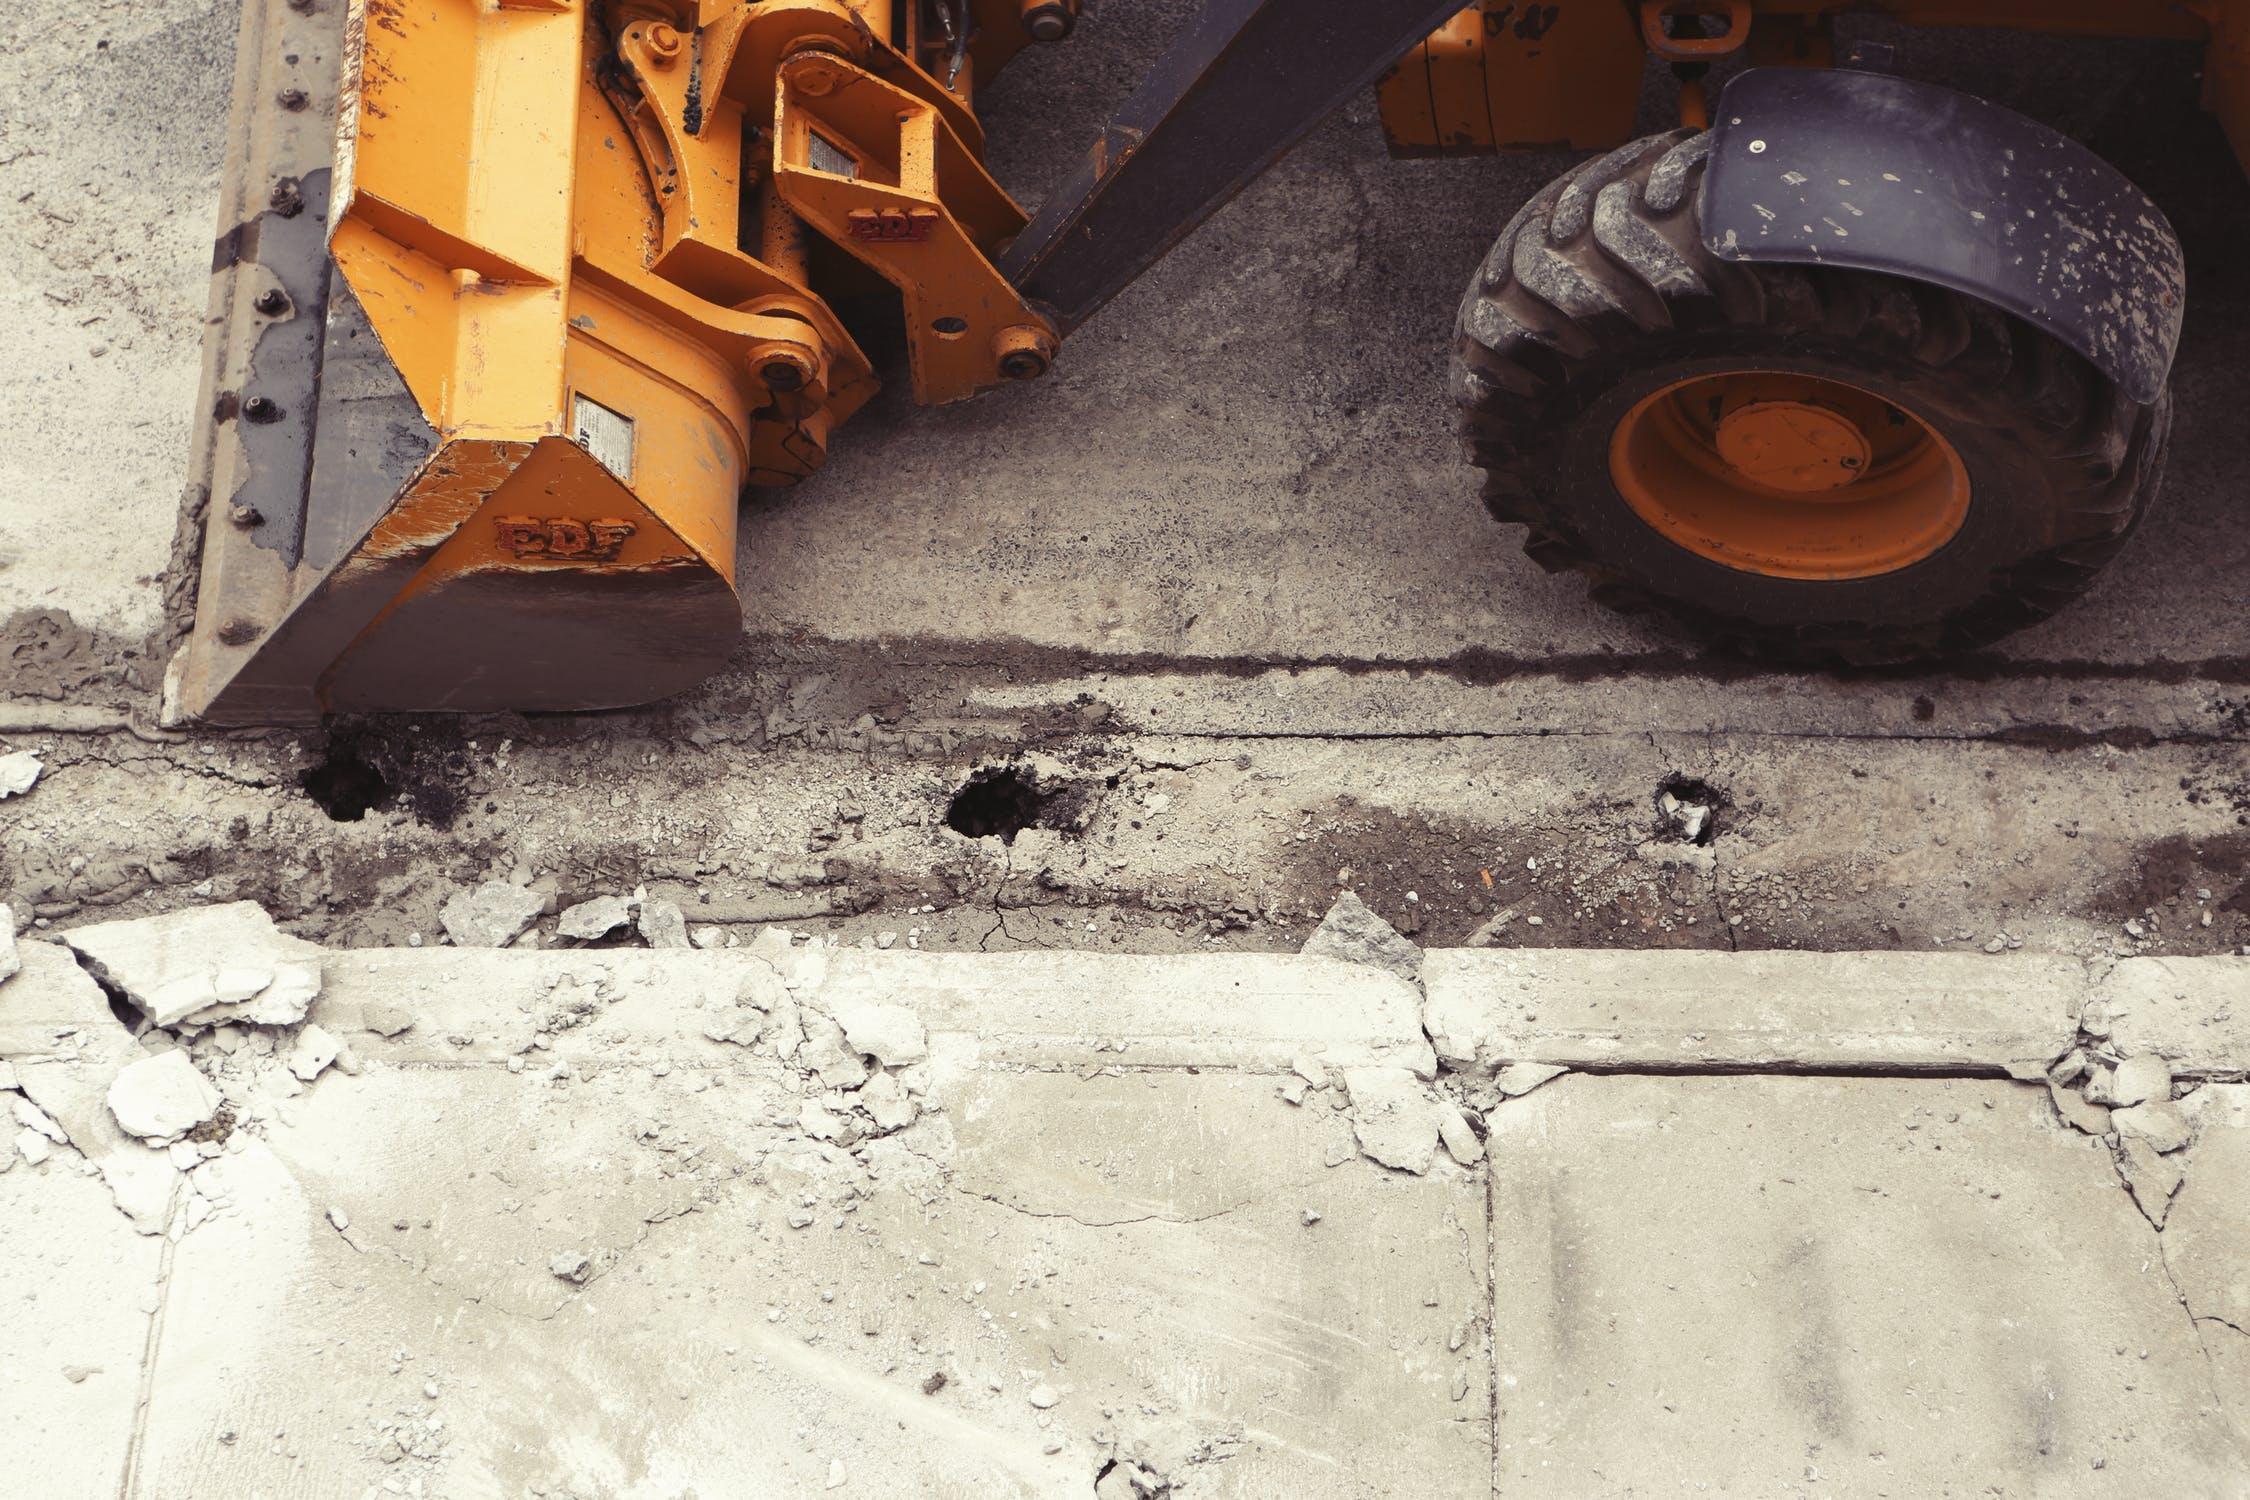 Reunimos informações sobre diversos aspectos da construção civil que podem auxiliar você a atingir melhores resultados e compreender melhor esse mercado.